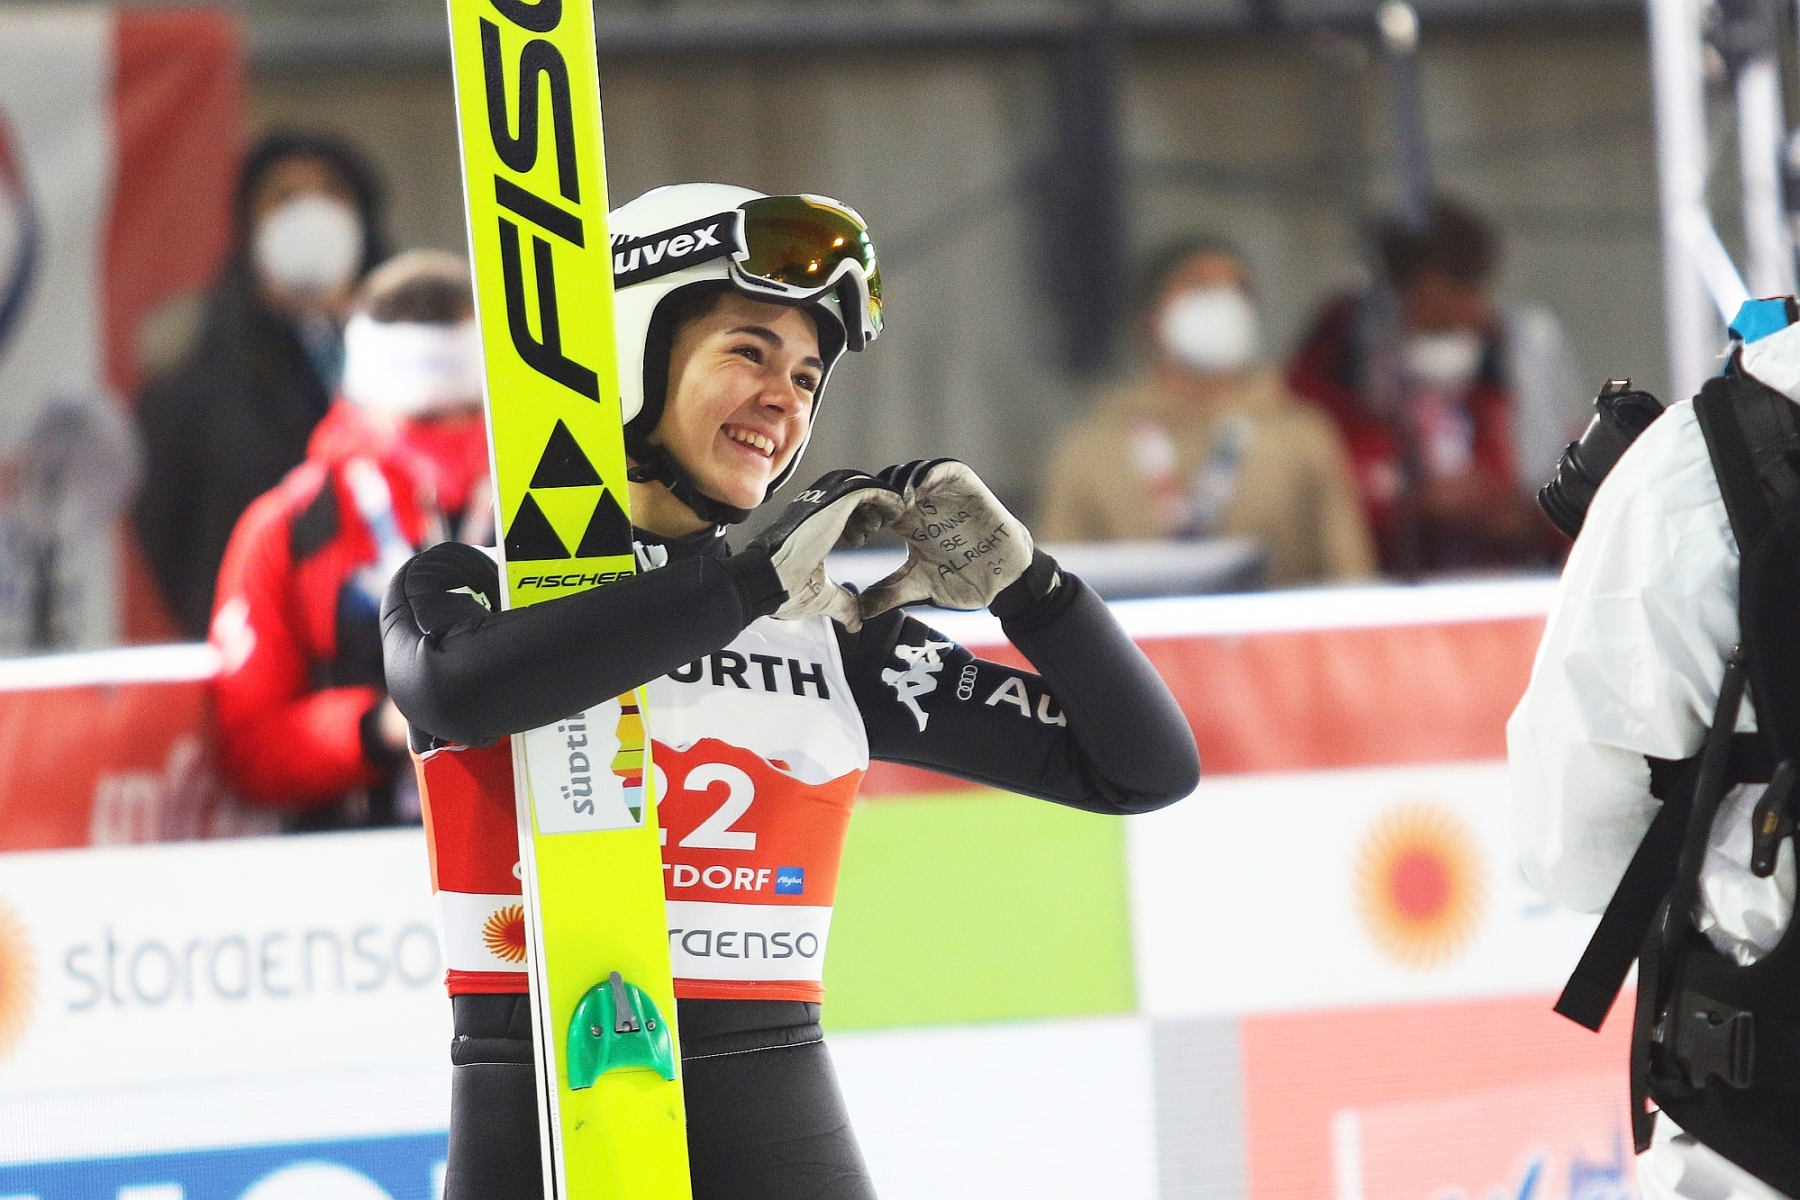 Mistrzostwa Swiata Oberstdorf2021 konkurskobiet normalhill fotJuliaPiatkowska 52 - Koniec sezonu dla sióstr Malsiner i kontuzja Manueli, w tle konflikt z włoską federacją